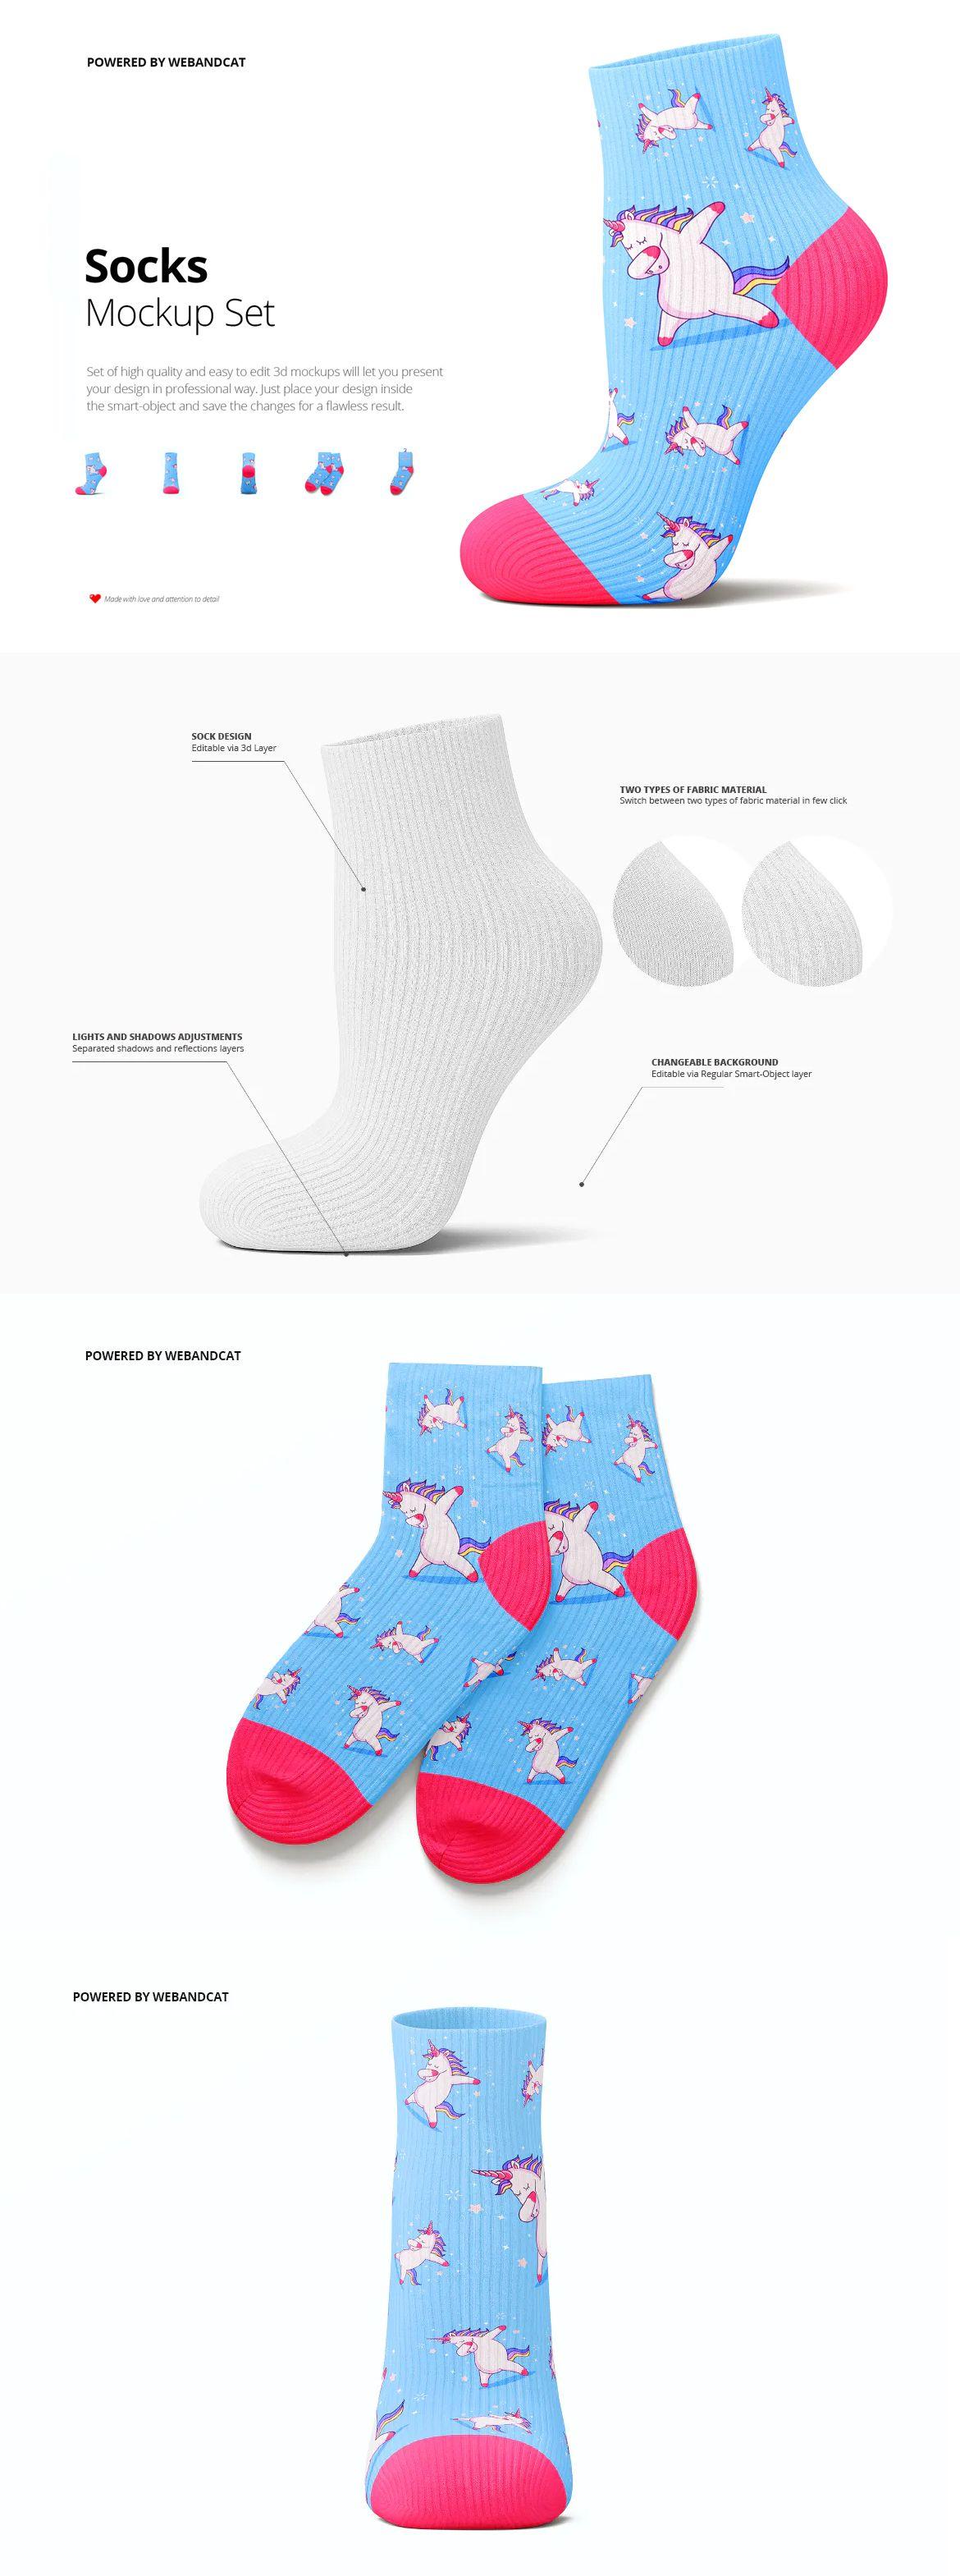 Download Socks 3d Mockup Psd Mockup Socks Mockup Design